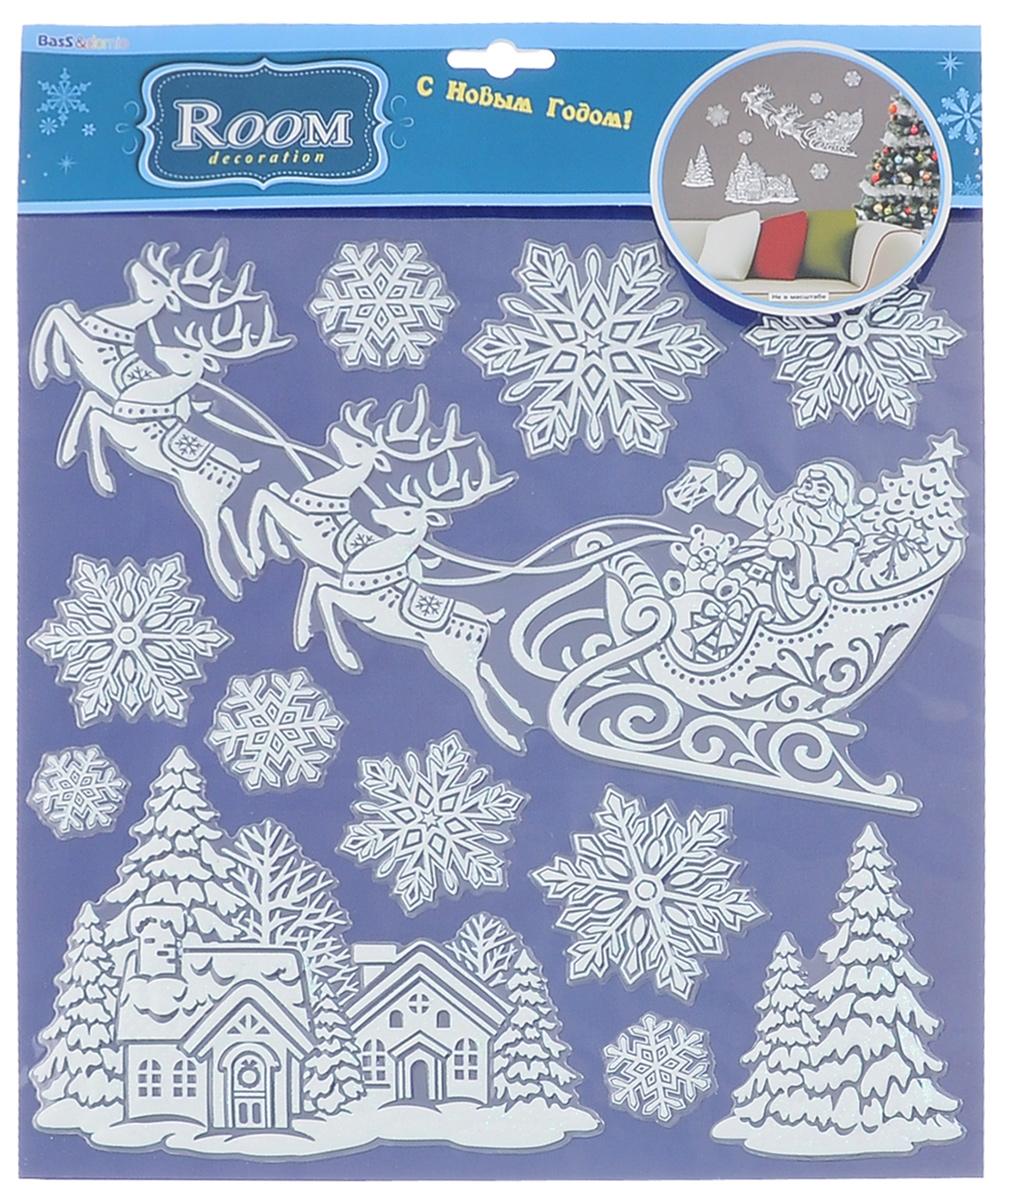 Наклейки для интерьера Room Decoration Спешащий Дед Мороз, объемныеPSX2802Наклейки для стен и предметов интерьера Room Decoration Спешащий Дед Мороз, изготовленные из самоклеящейся виниловой пленки, помогут украсить дом к предстоящим праздникам. Наклейки дадут вам вдохновение, которое изменит вашу жизнь и поможет погрузиться в мир ярких красок, фантазий и творчества. Для вас открываются безграничные возможности придумать оригинальный дизайн и придать новый вид стенам и мебели. Наклейки абсолютно безопасны для здоровья. Они быстро и легко наклеиваются на любые ровные поверхности: стены, окна, двери, стекла, мебель. При необходимости удобно снимаются, не оставляют следов. Наклейки Room Decoration Спешащий Дед Мороз помогут вам изменить интерьер вокруг себя: в детской комнате и гостиной, на кухне и в прихожей, витрину кафе и магазина, детский садик и офис. Размер листа: 30,5 см х 31,5 см. Количество наклеек на листе: 12 шт. Размер самой большой наклейки: 29 см х 16 см. Размер самой маленькой наклейки:...